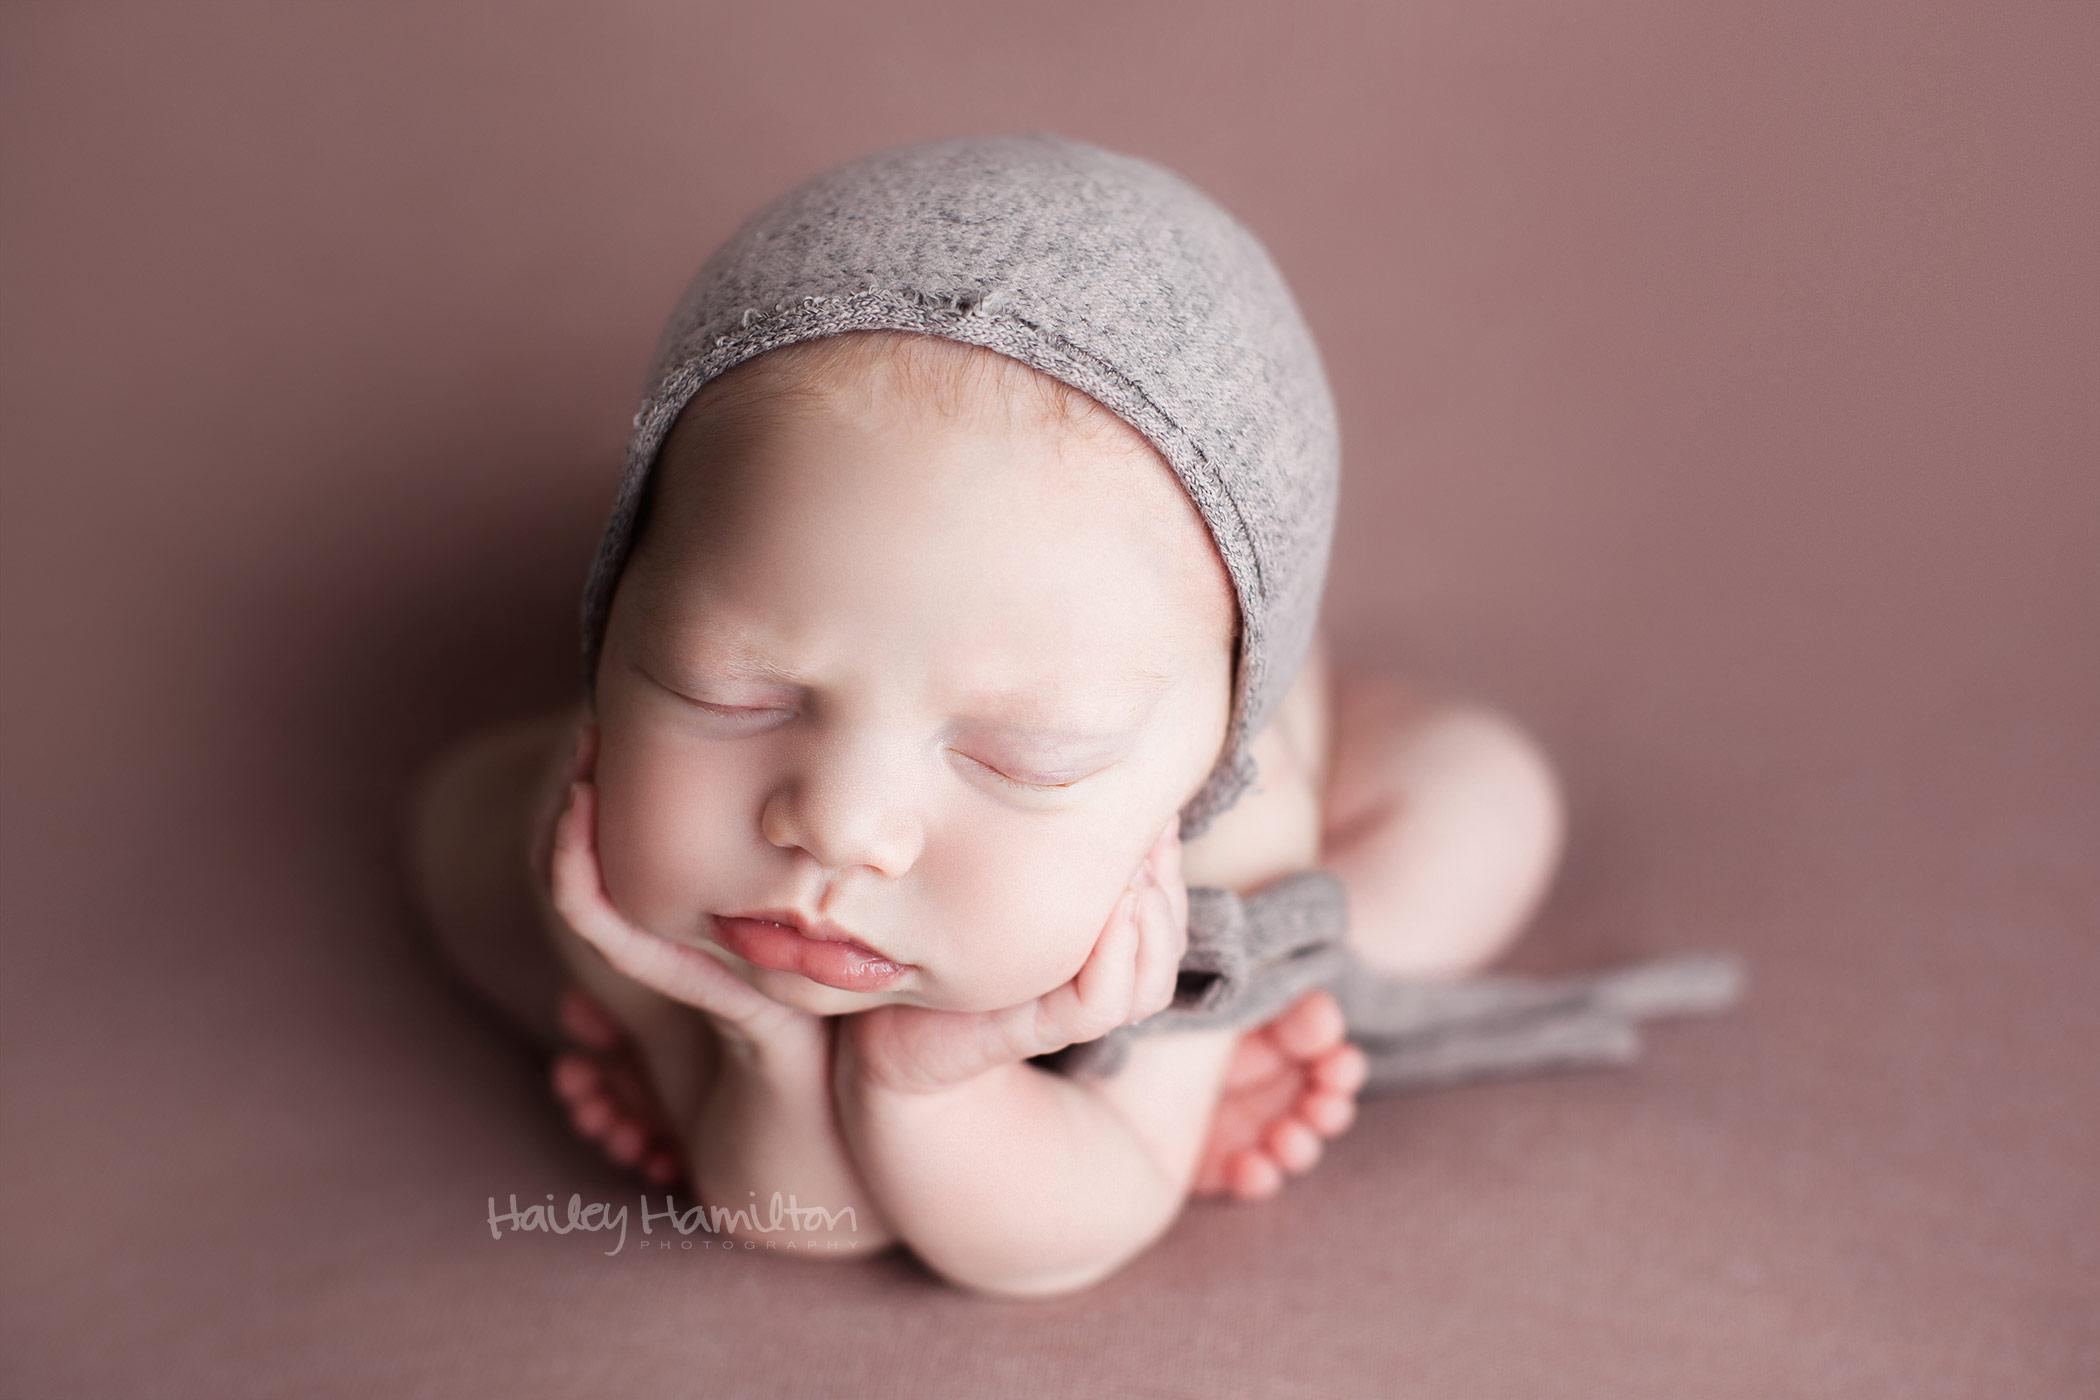 Newborn-photography-Calgary-newborn-photographer-baby-pictures-studio-2.jpg